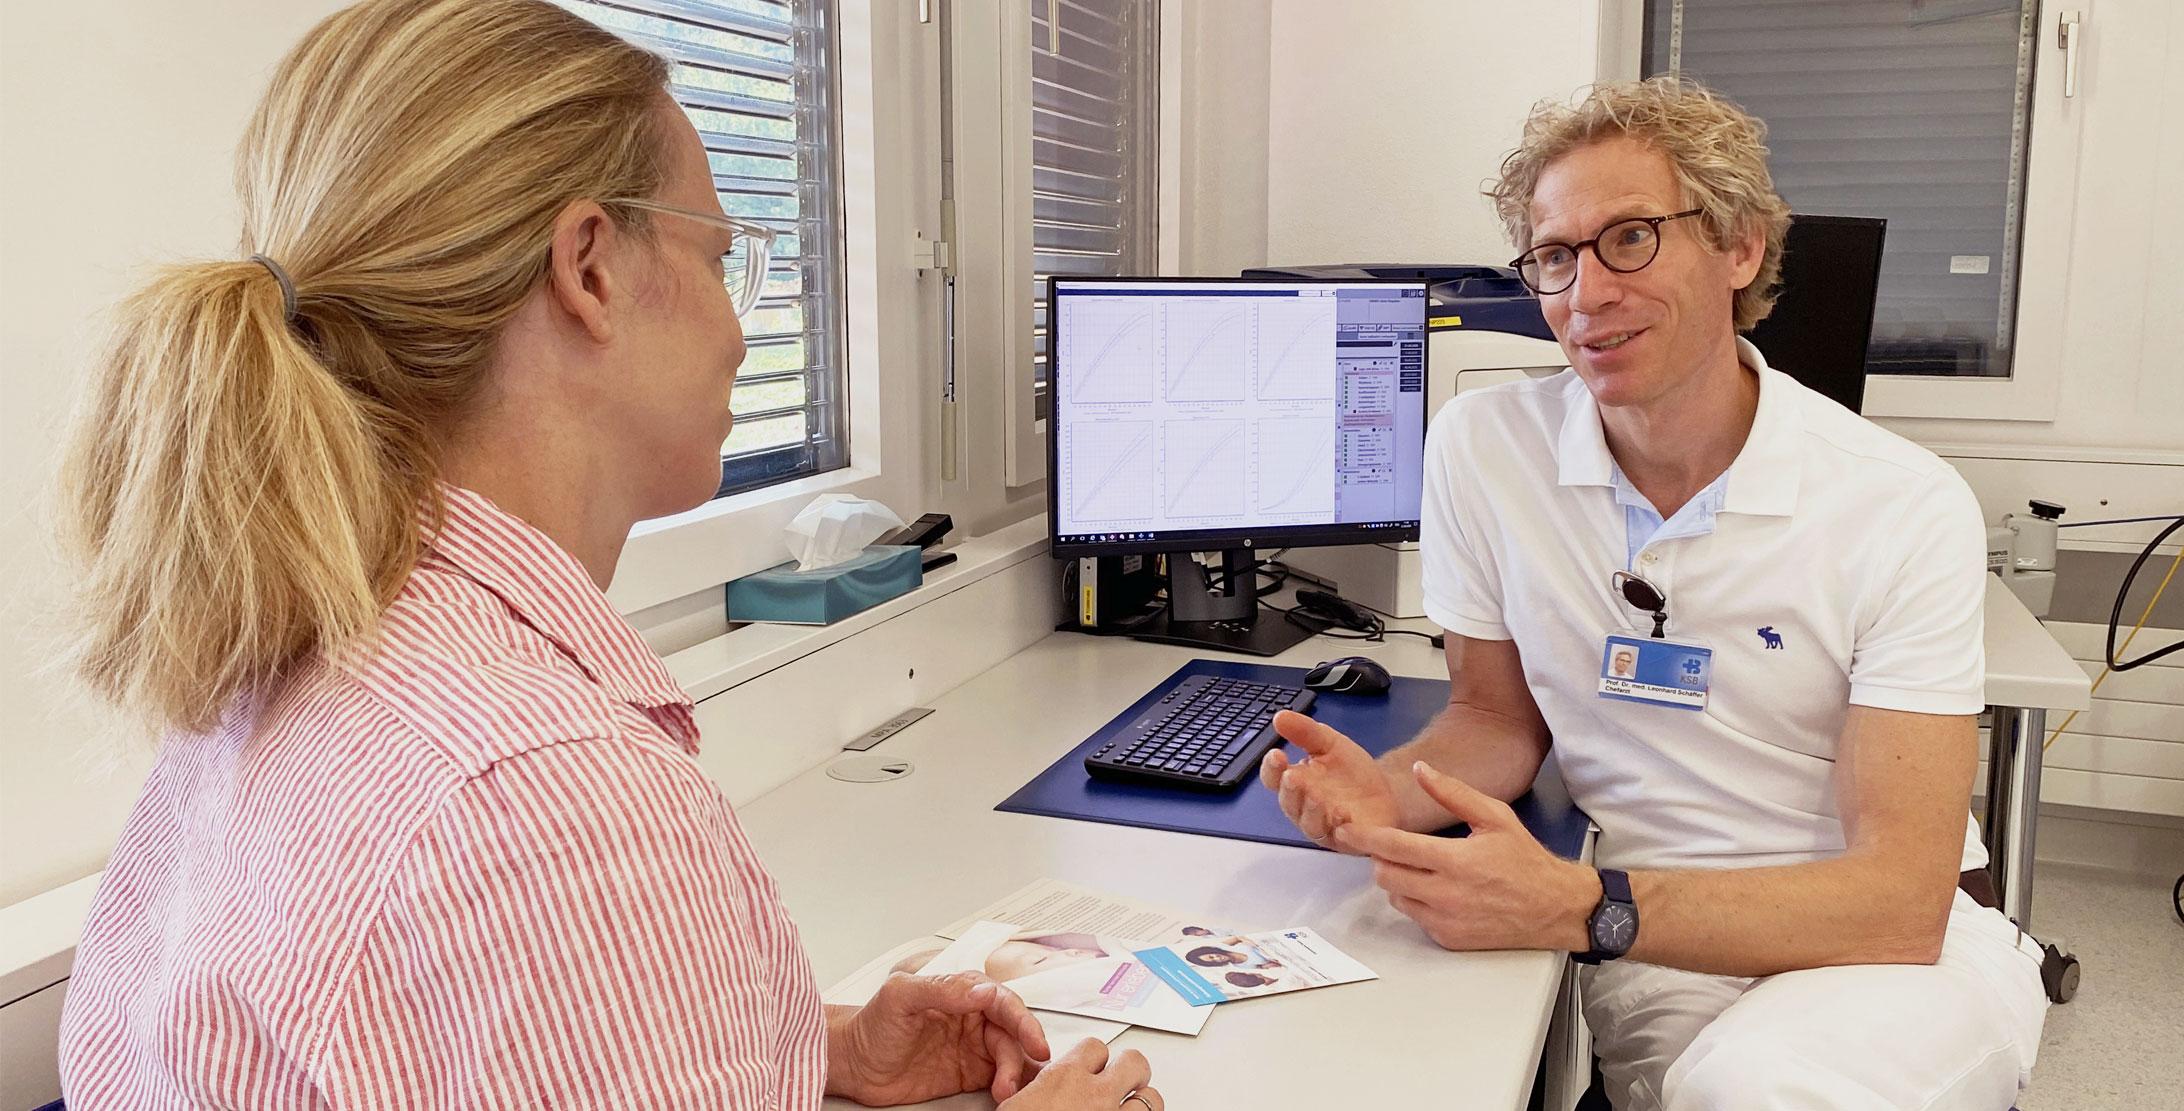 Leonhard Schäffer, Chefarzt Geburtshilfe am KSB im Patientengespräch